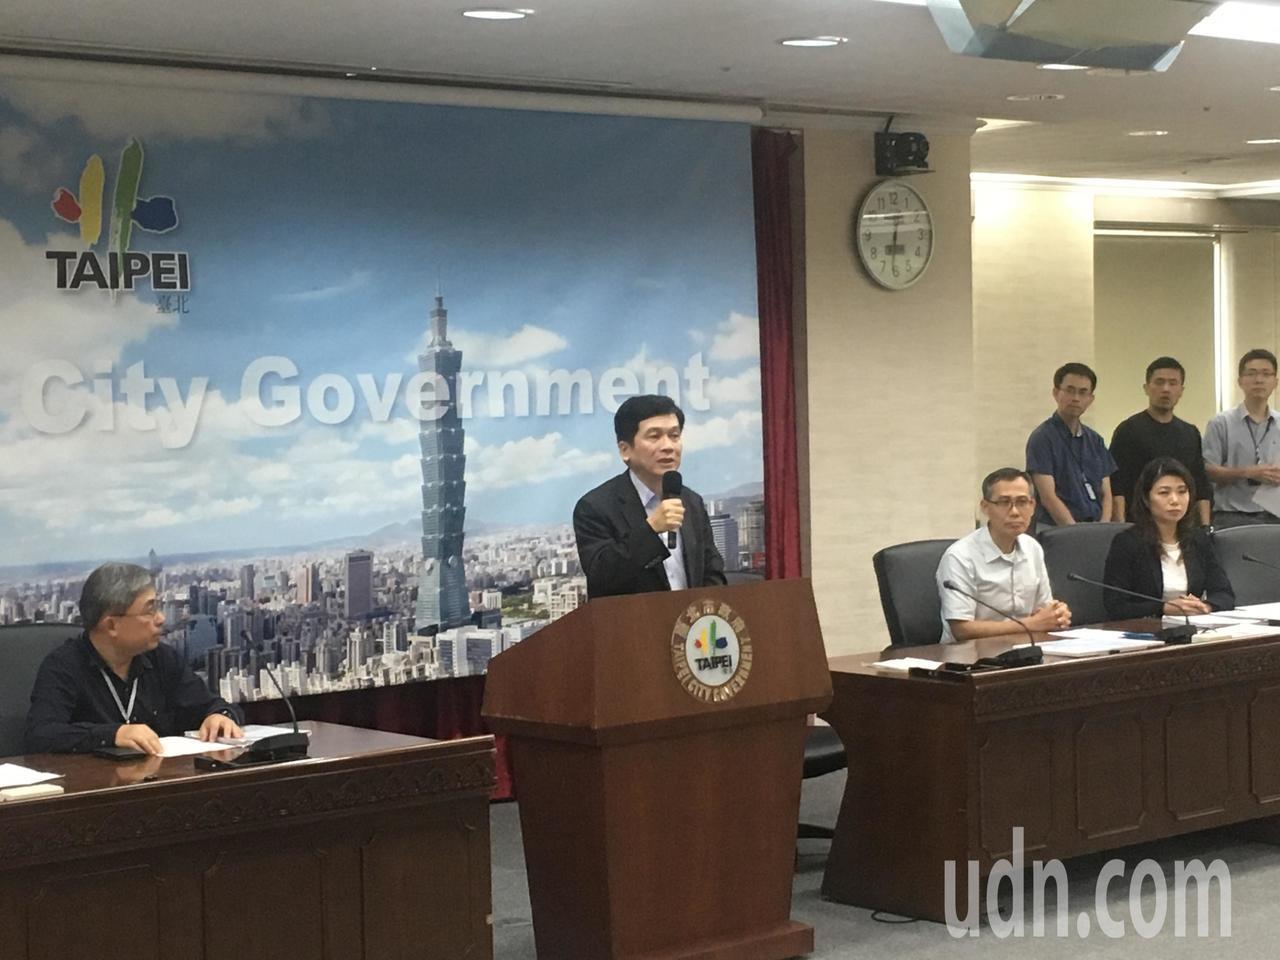 台北市政府今天中午舉行記者會,對外說明大巨蛋爭議。記者張世杰/攝影